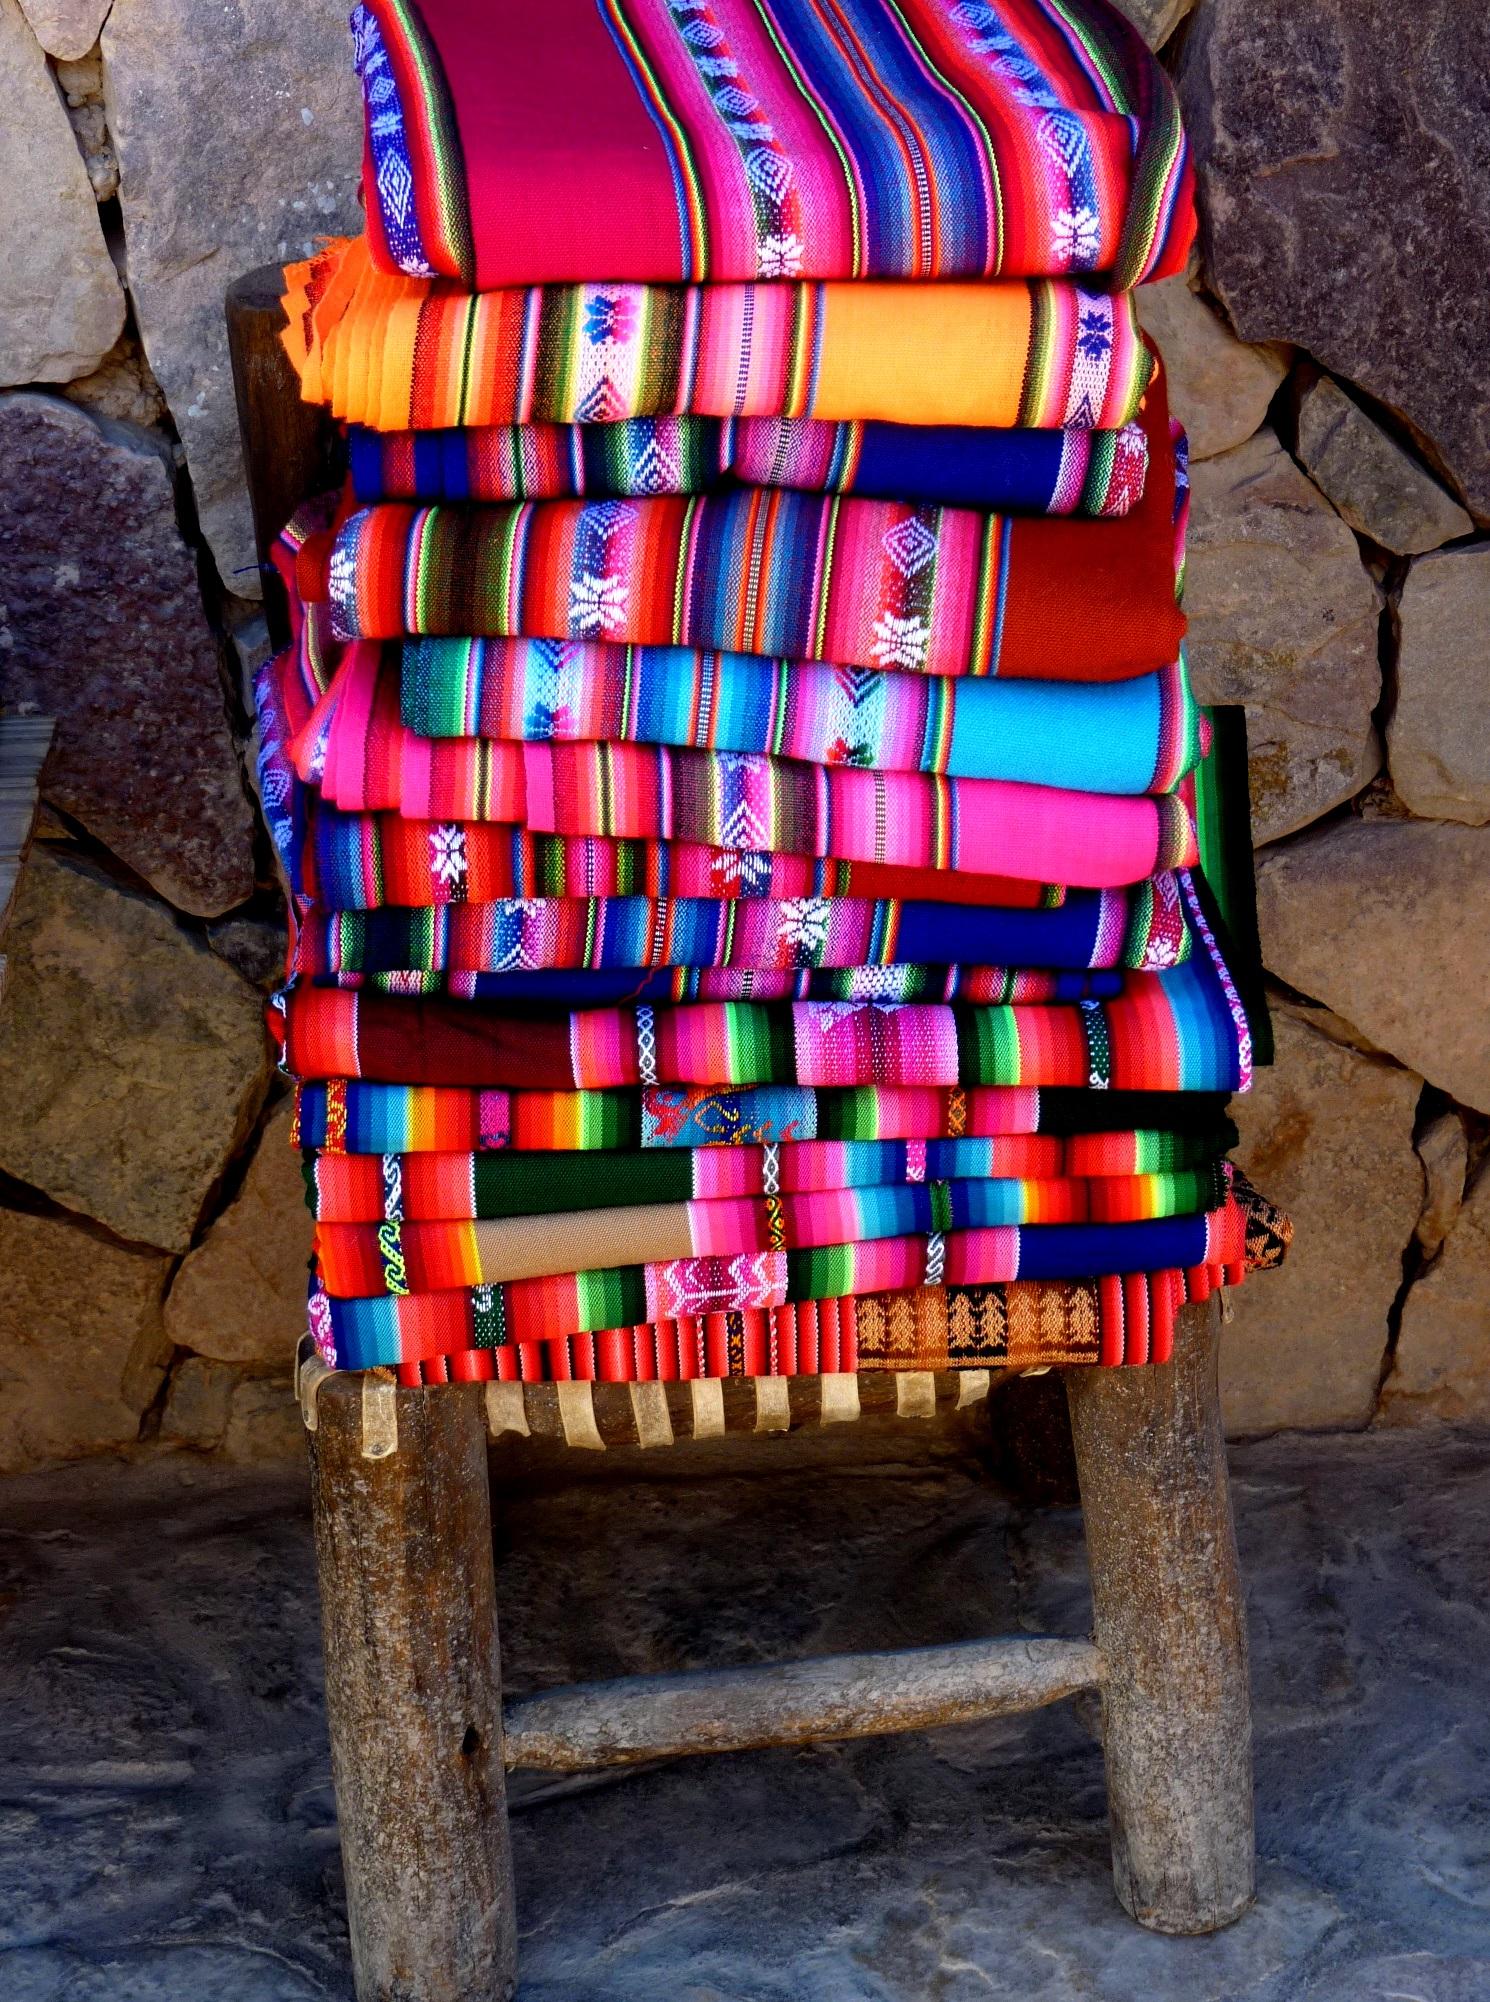 Unos coloridos aguayos en las calles de la localidad de Humahuaca en Jujuy, son los que captó con su lente Bettina Chiarani y con los que quisimos abrir nuestra galería de los lectores de esta semana.